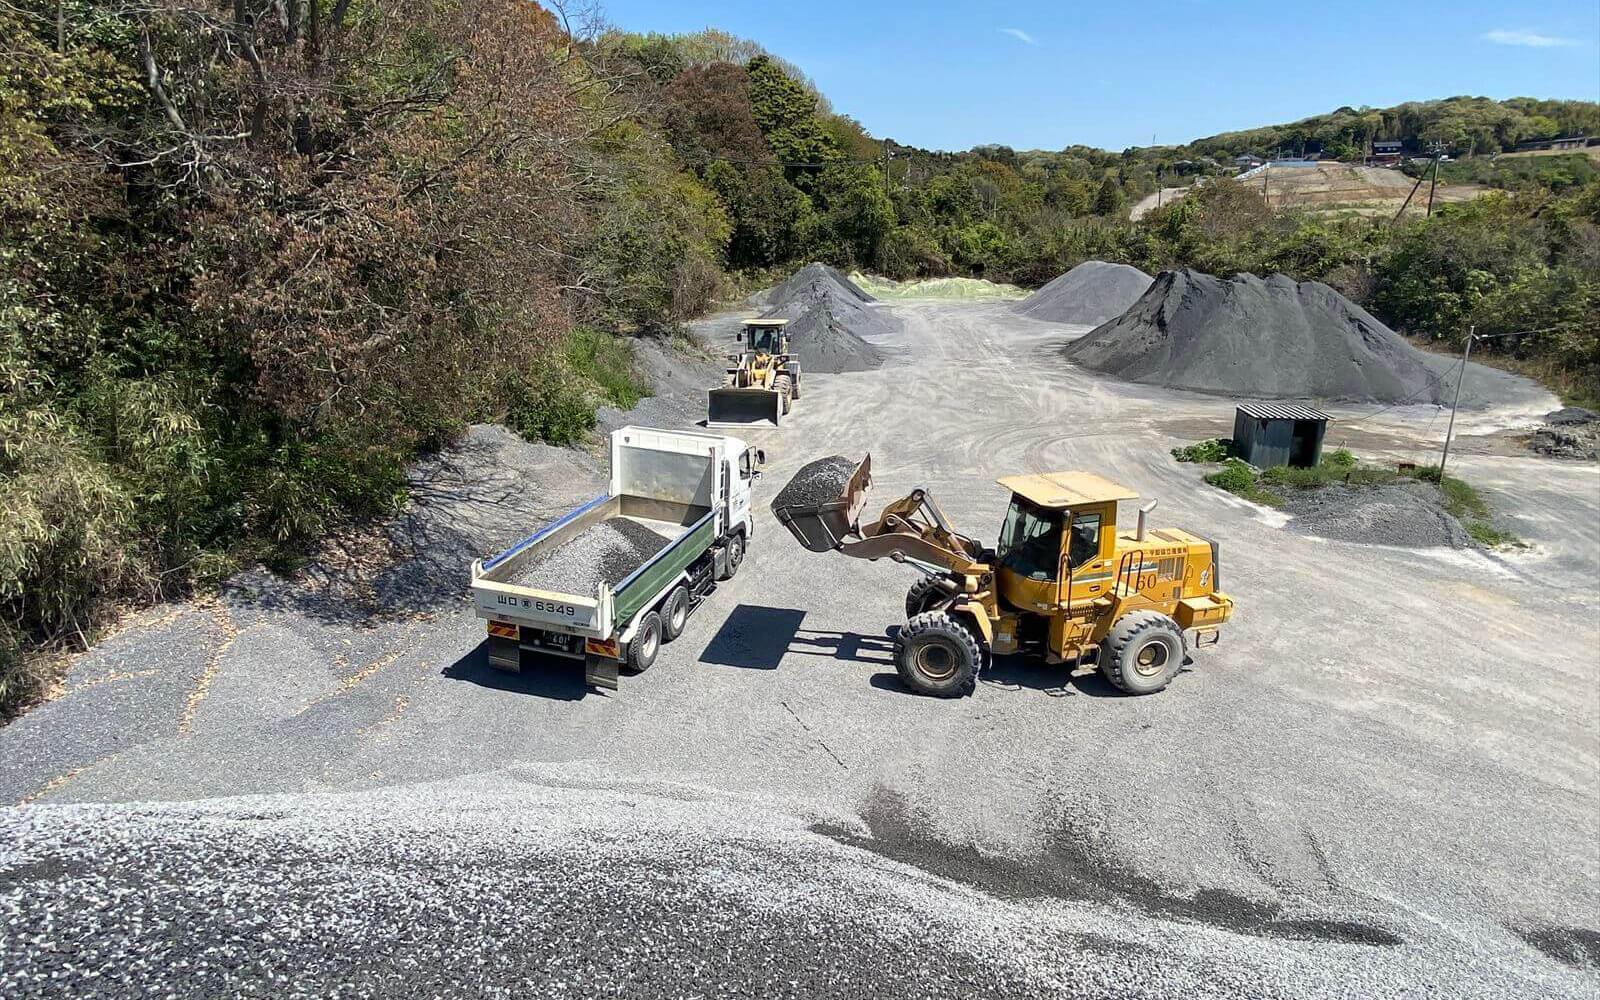 砕石商品運搬トラック運転手の仕事風景